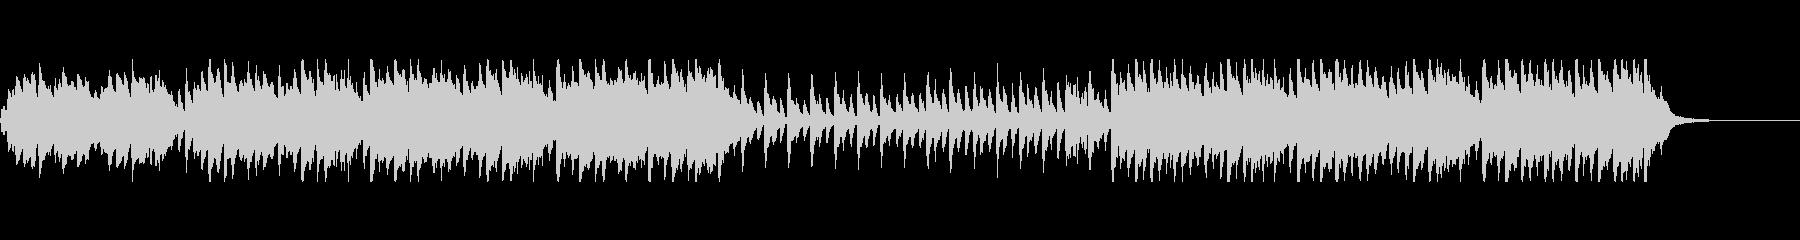 ハロウィン・おばけ系BGMの未再生の波形